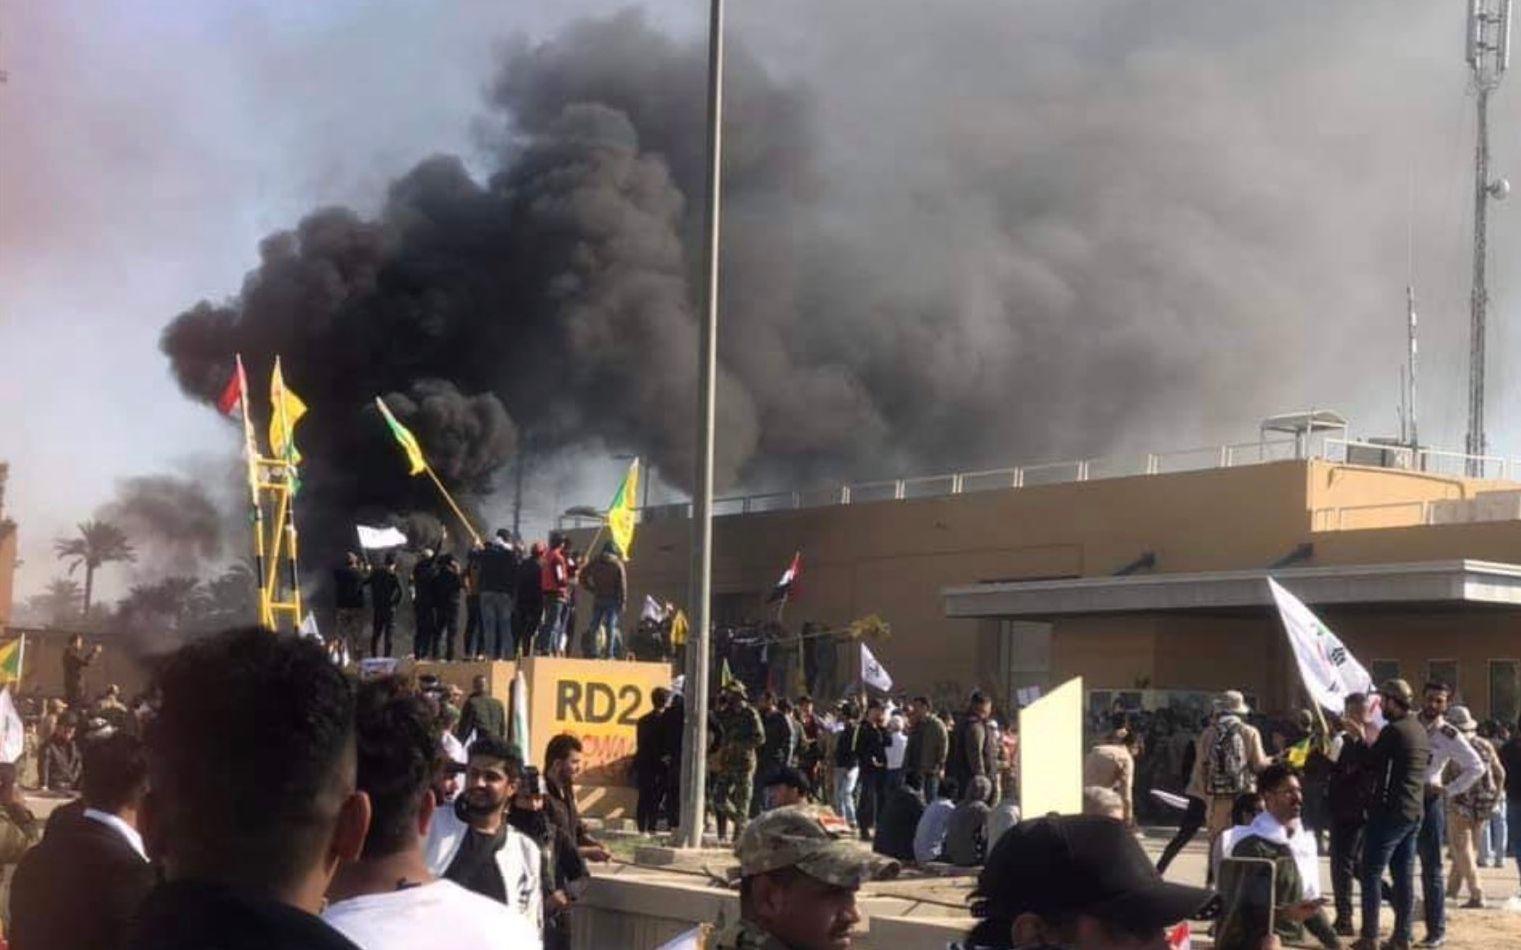 伊拉克示威者冲撞美国驻伊大使馆,抗议美军空袭